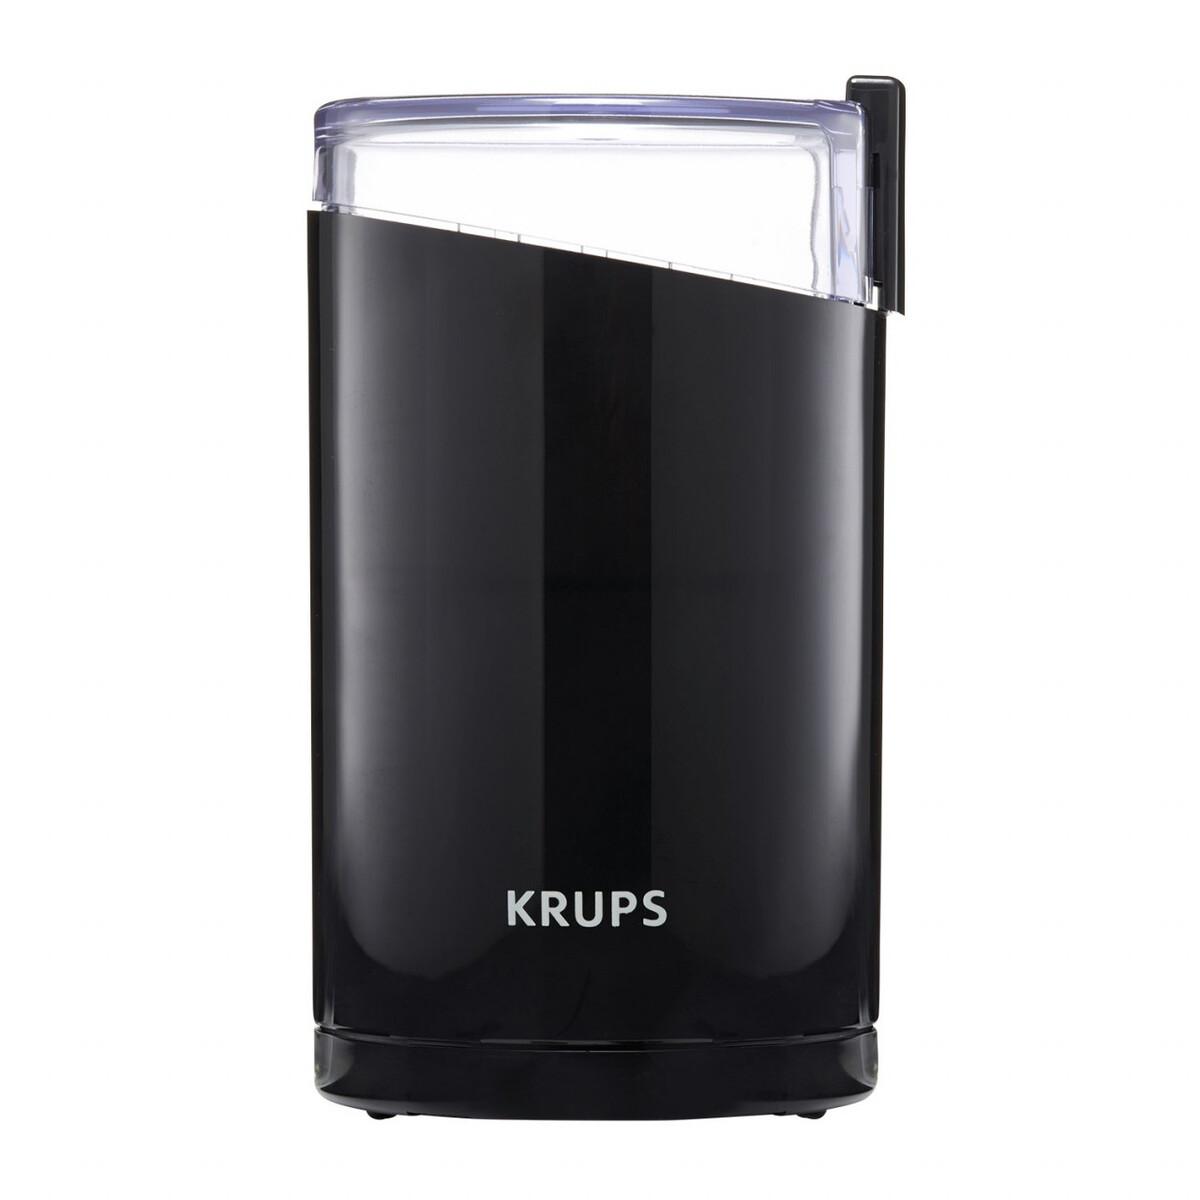 Bild 1 von Krups Kaffeemühle F203